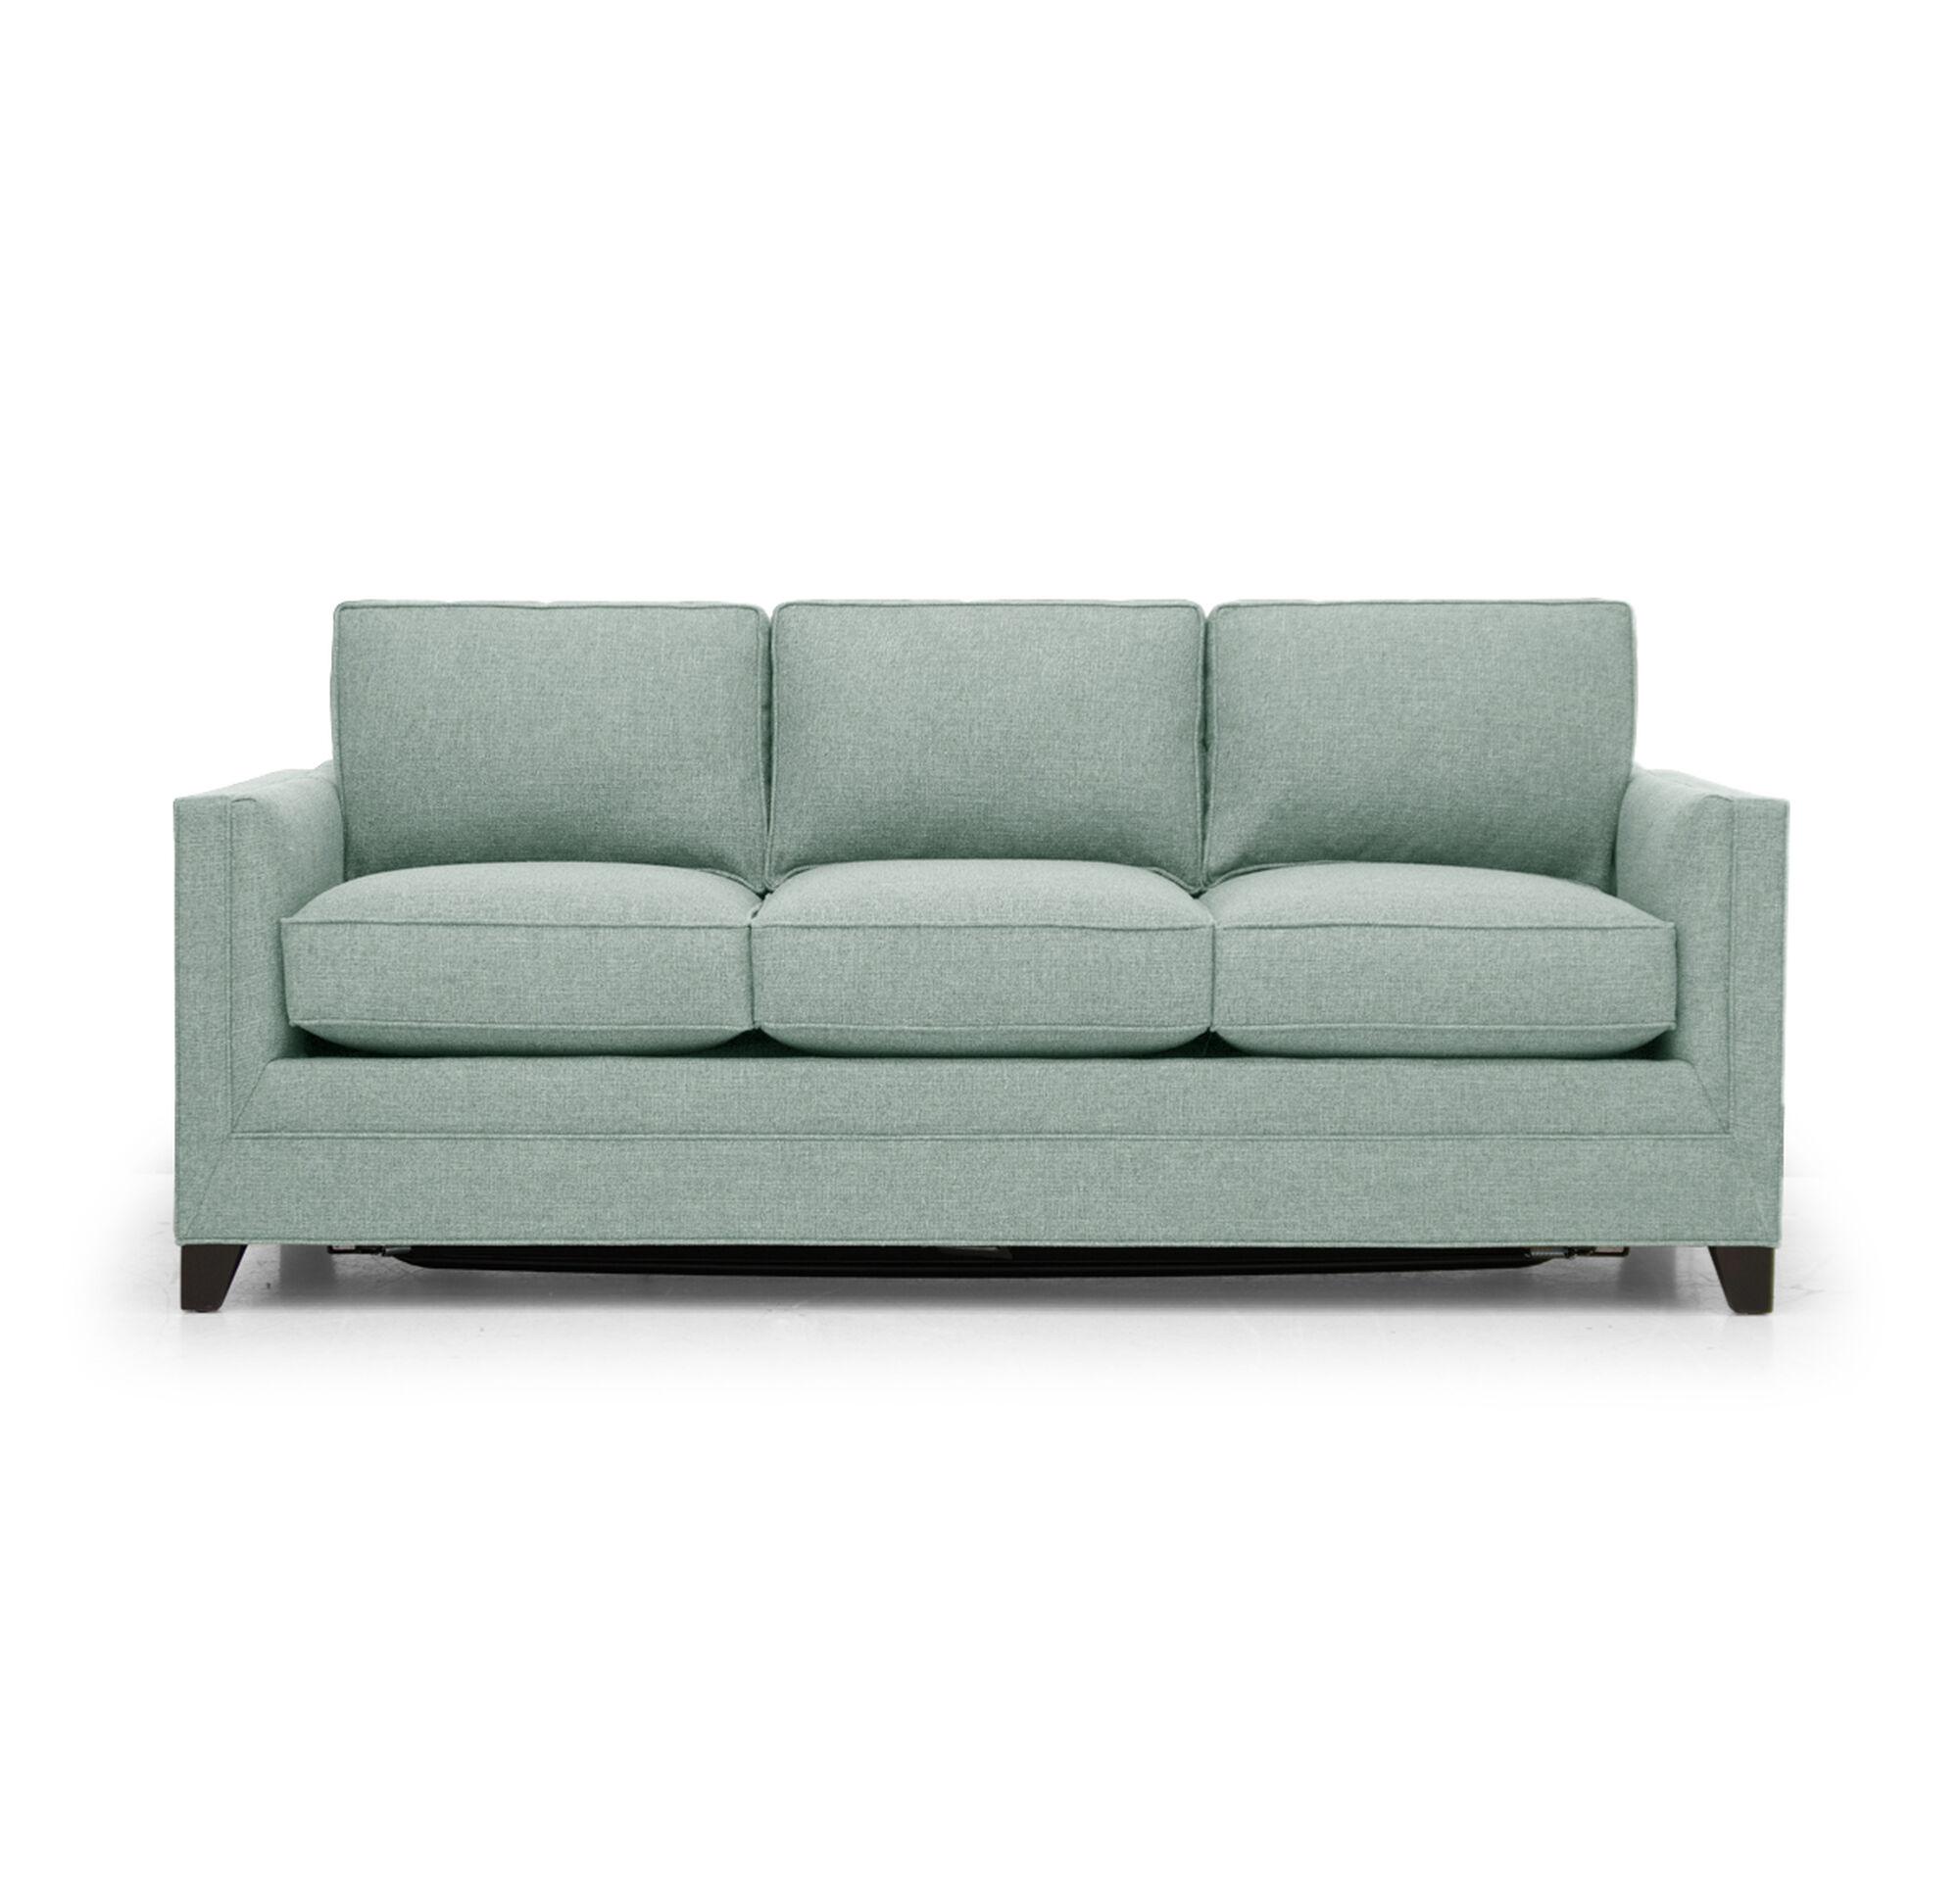 Reese Super Luxe Queen Sleeper Sofa Hi Res